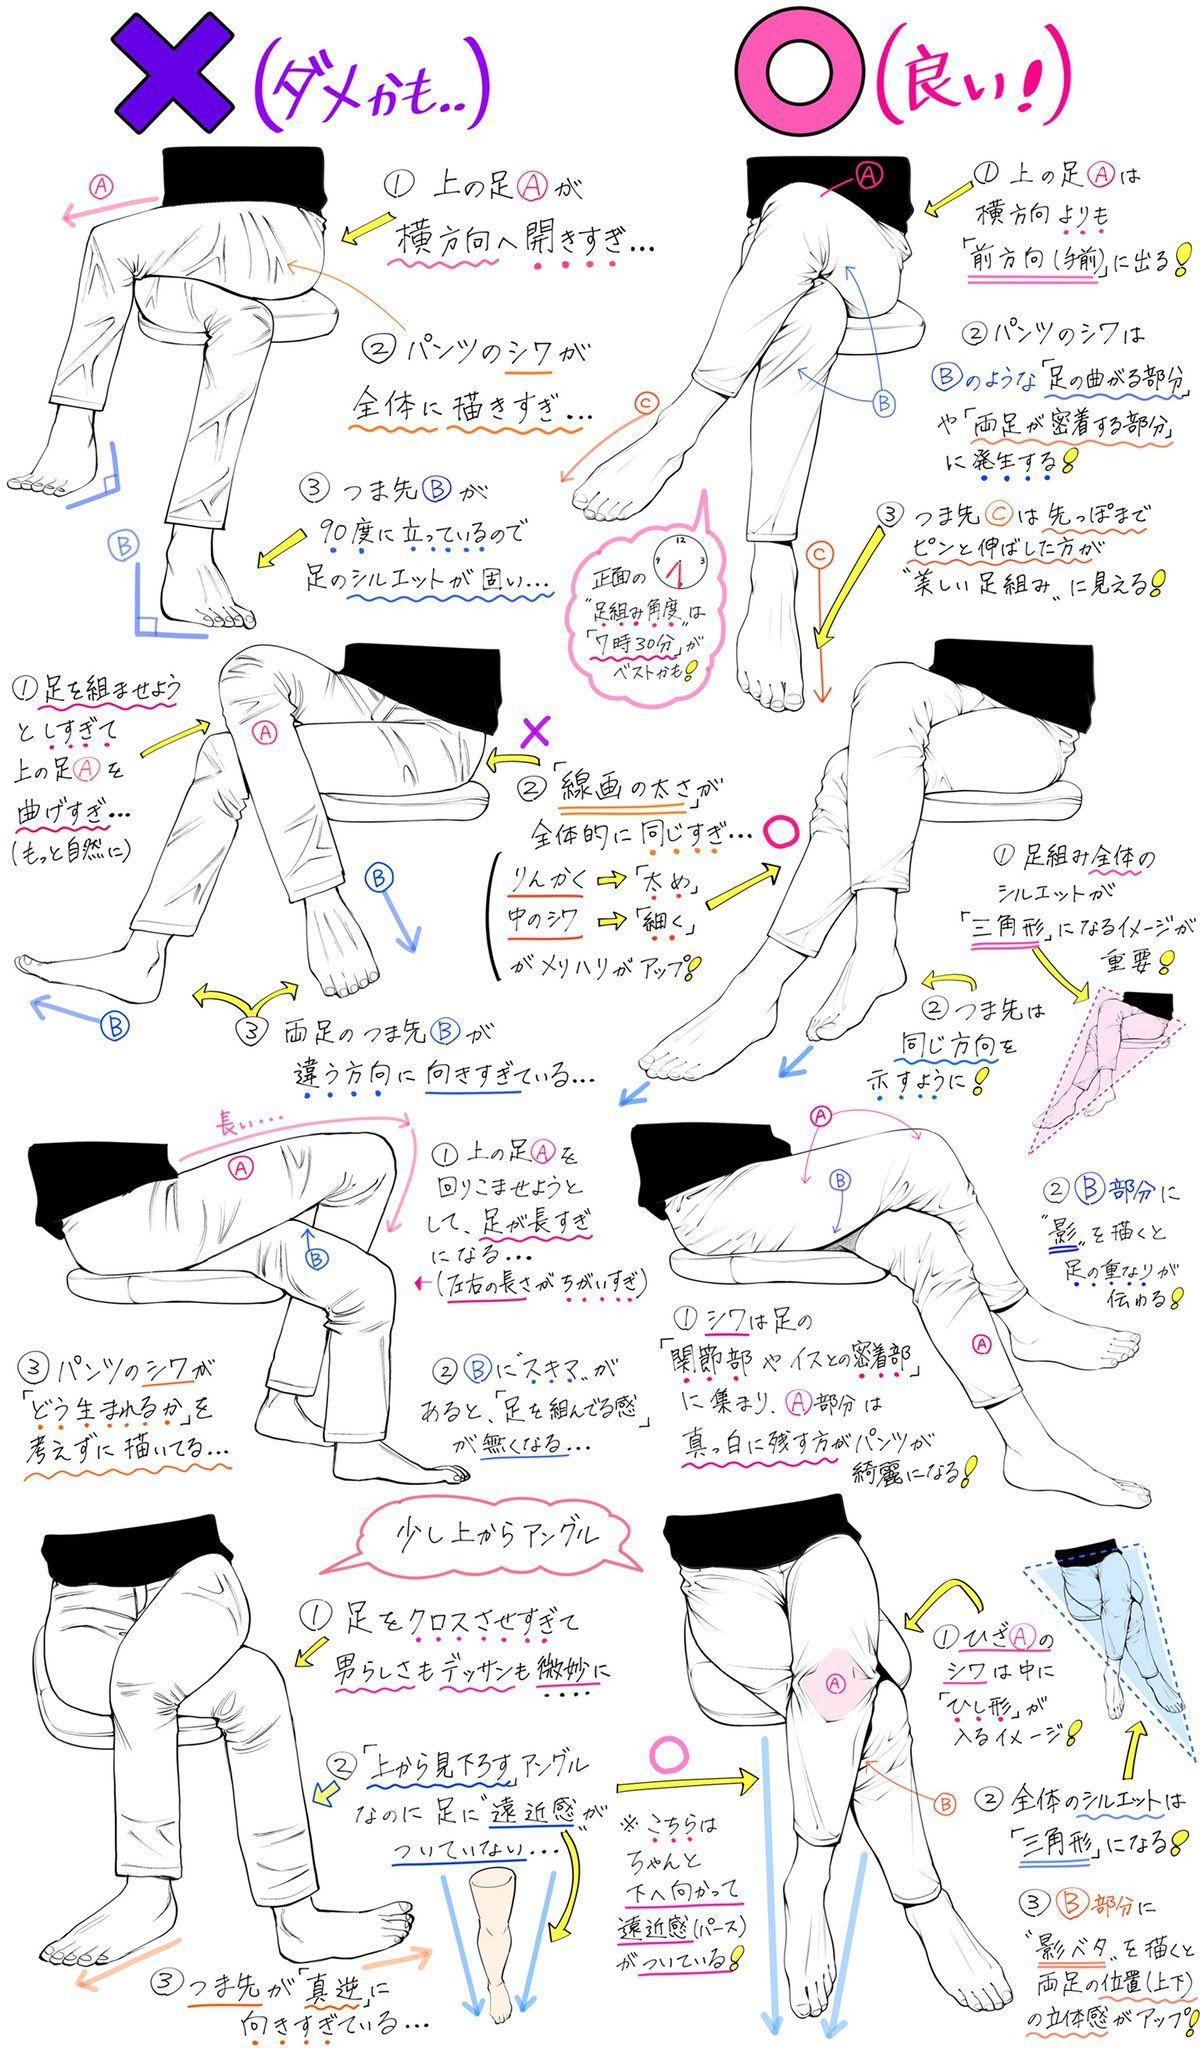 吉村拓也fanboxイラスト講座 On In 2019 人体 絵の描き方